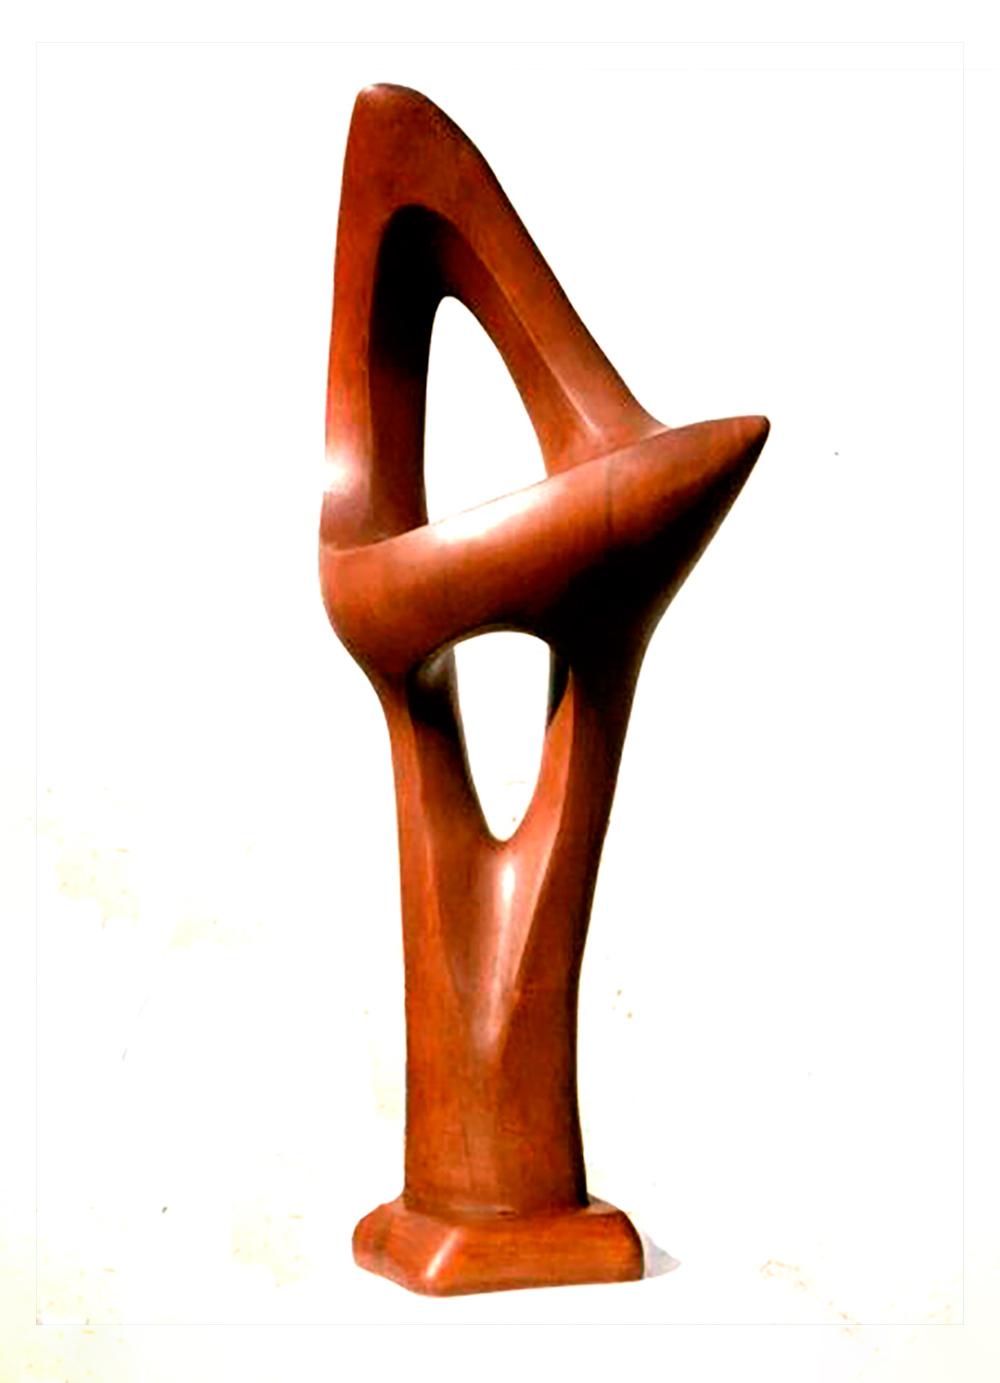 Escultura-Maternidad-Figurativo-Abstracto-RD.Escultor